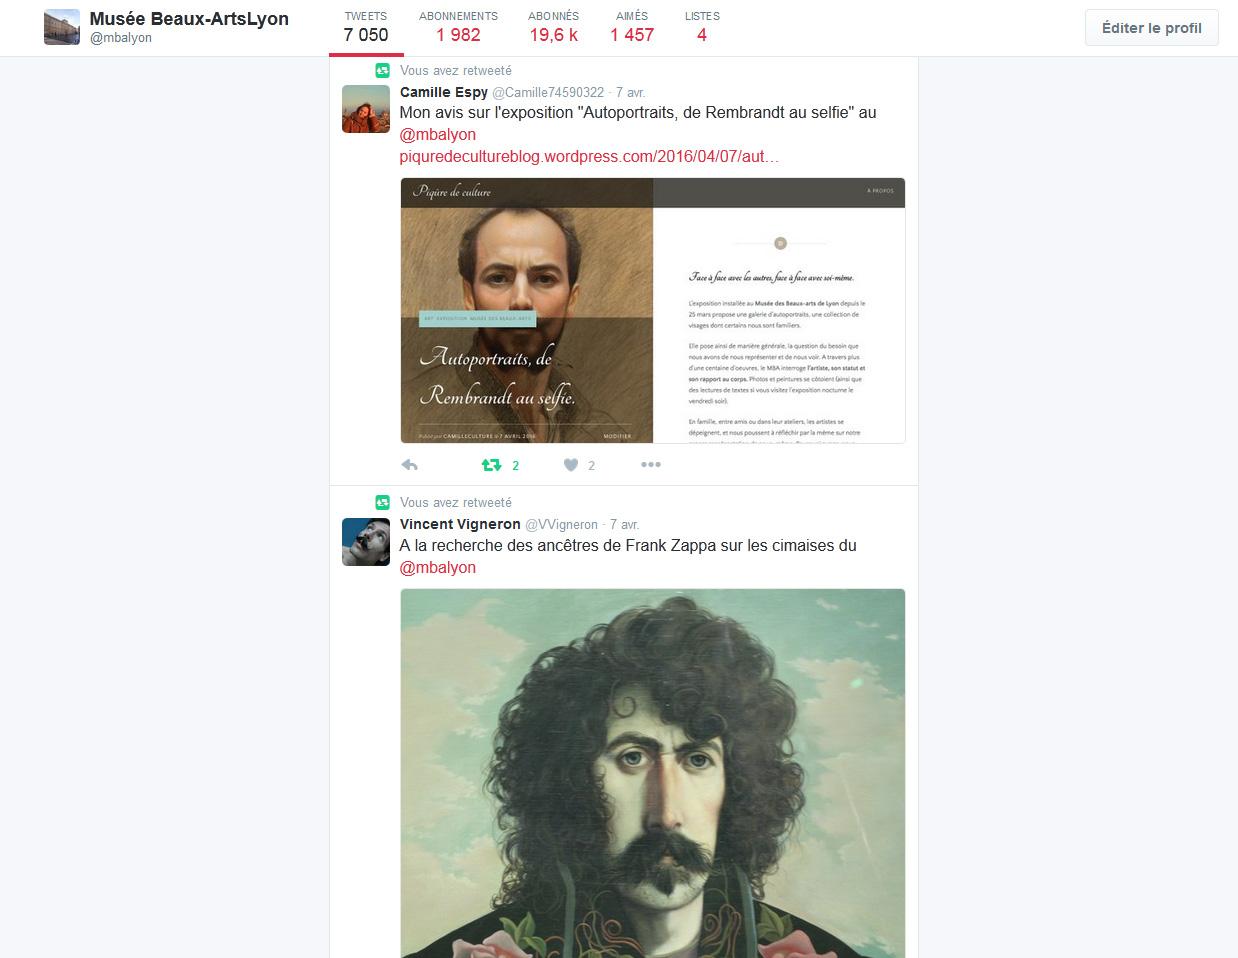 Le compte Twitter du MBA Lyon. L'application est un outil de communication interactif indispensable pour le Musée des Beaux-Arts de Lyon